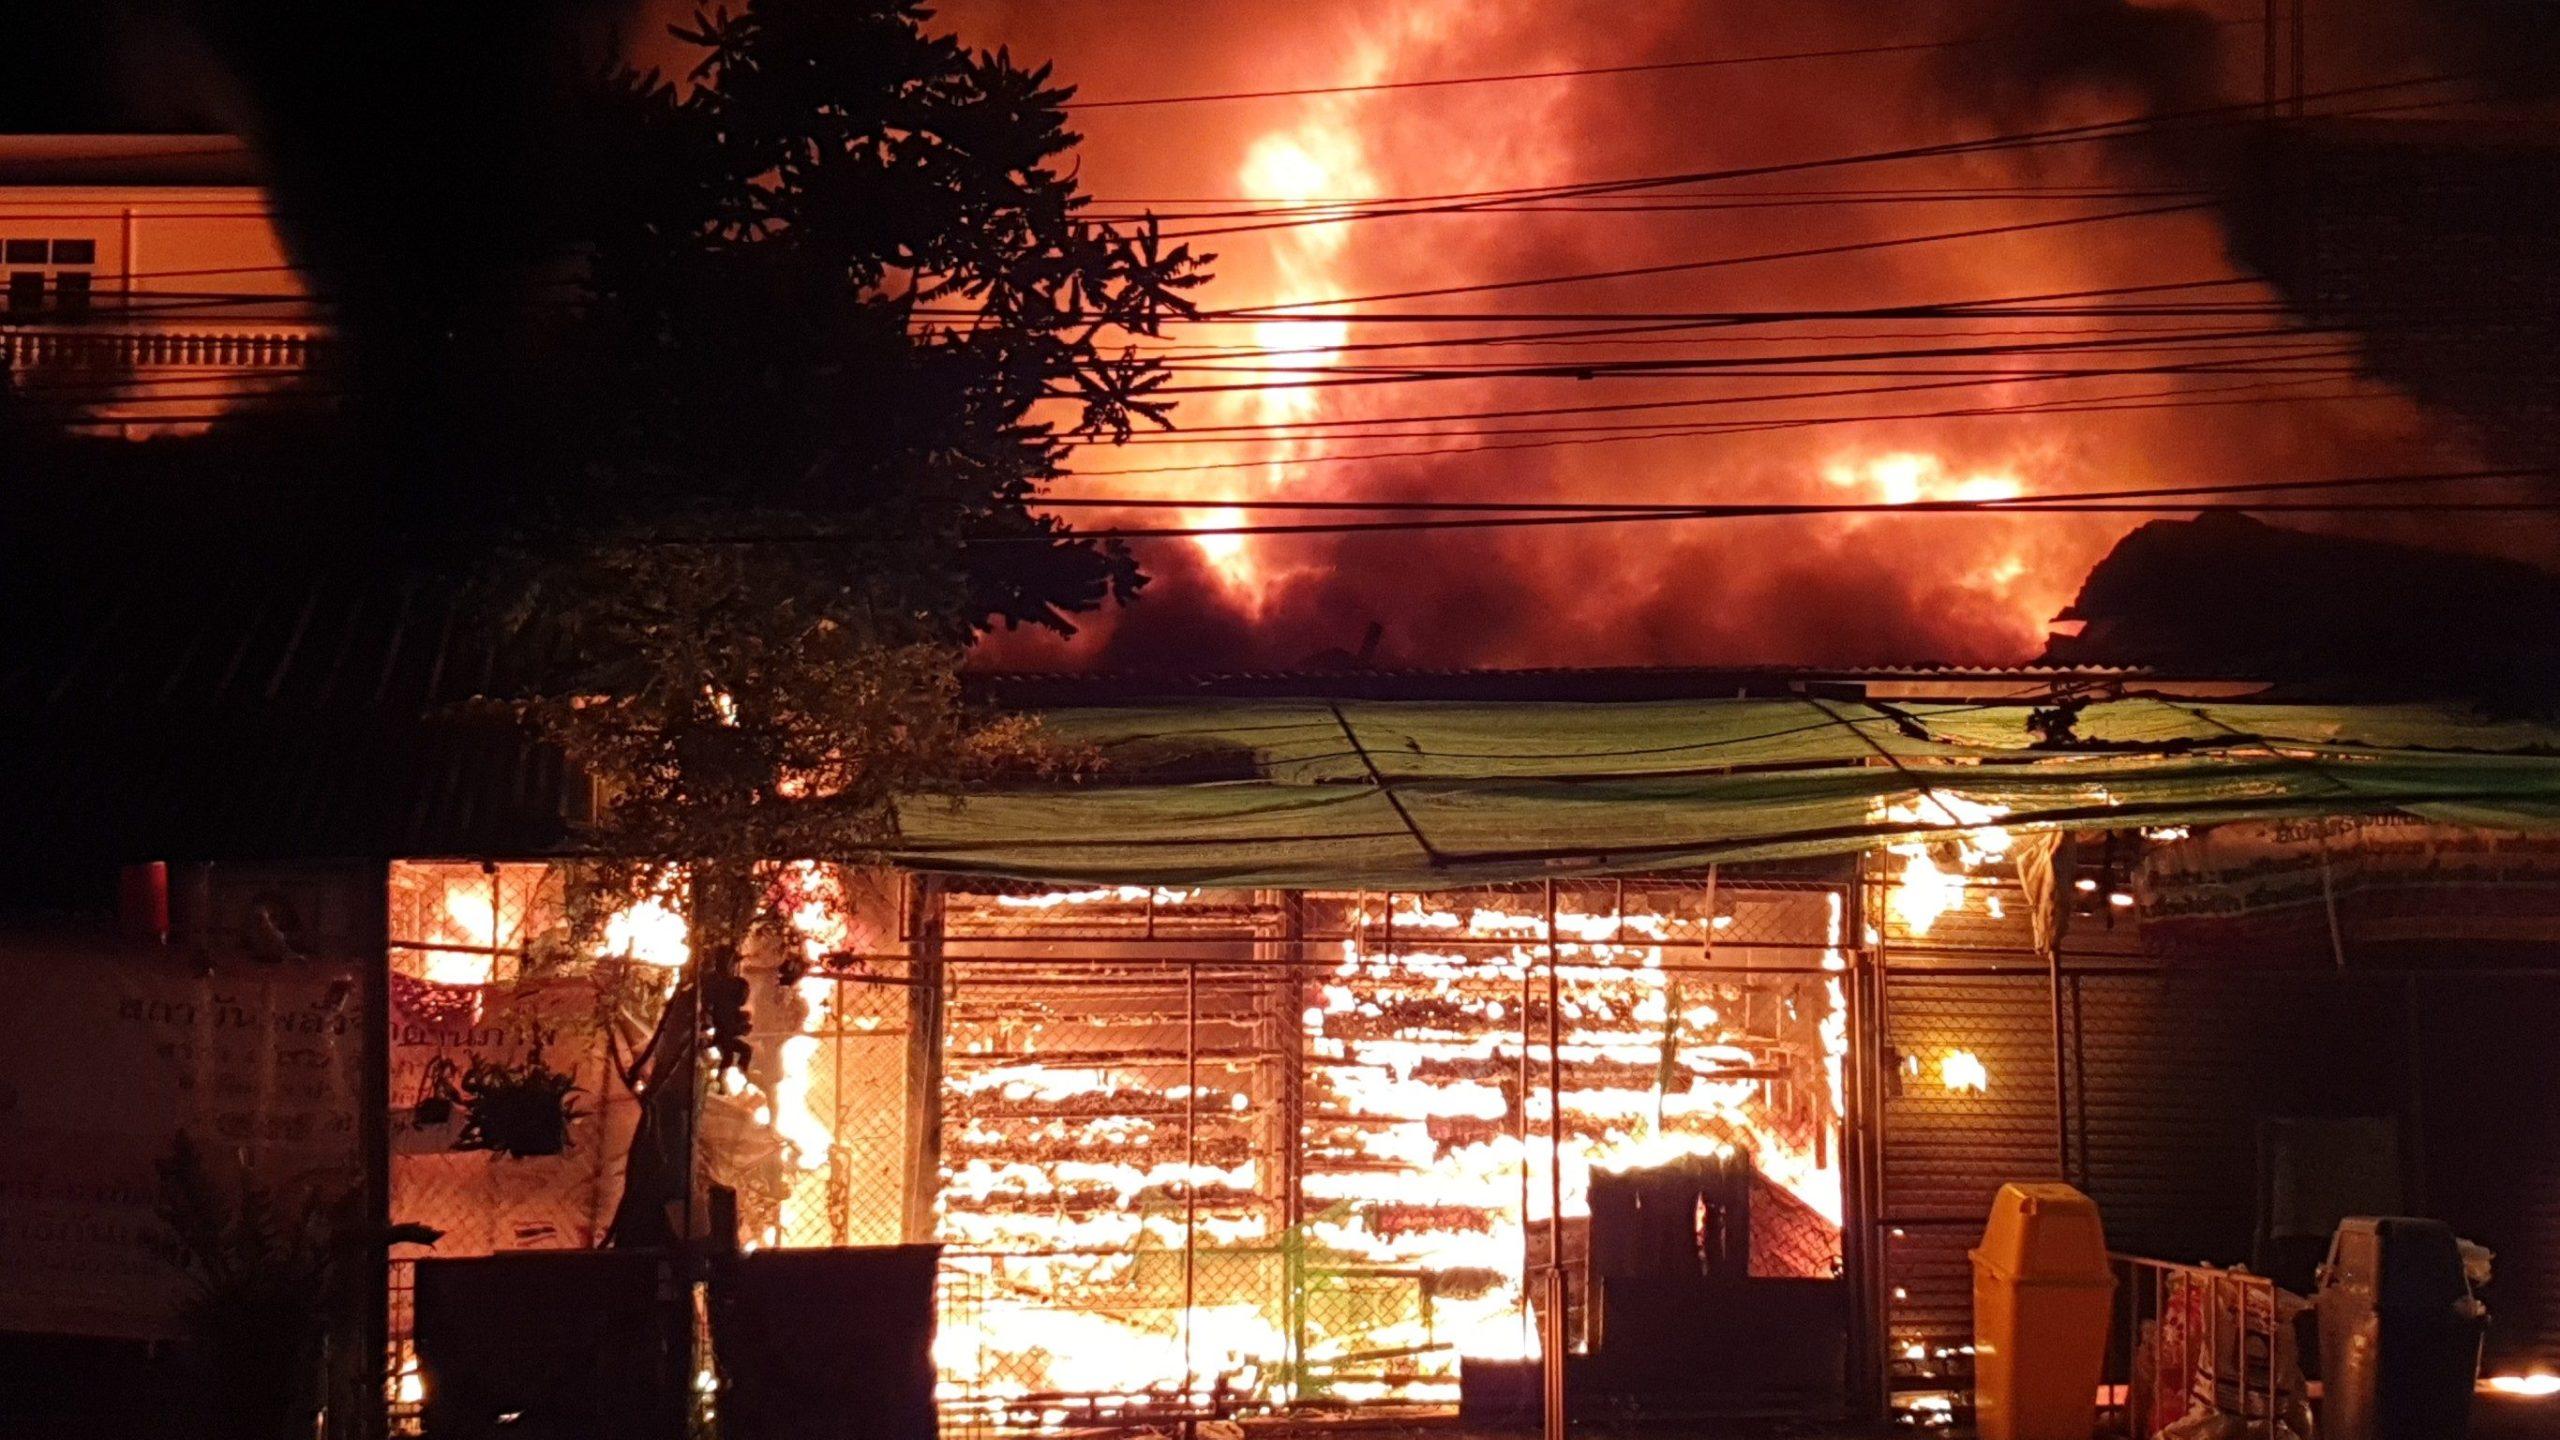 วอด 60 ล้าน! ไฟไหม้ร้านพลาสติก-อะไหล่รถลางเมืองประจวบฯเสียหาย 6 คูหา